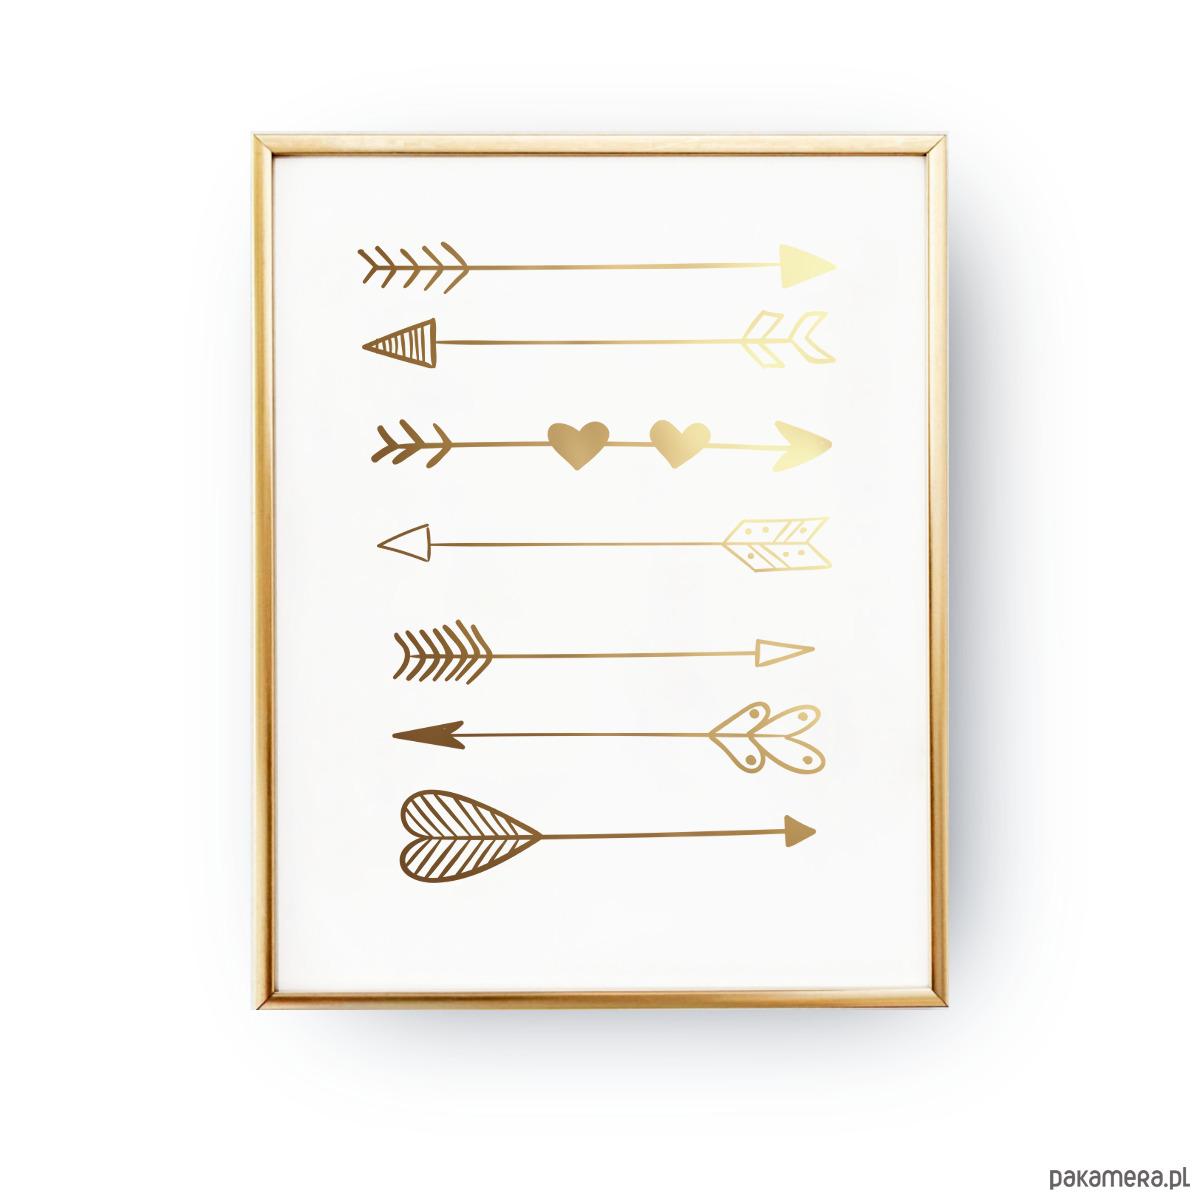 Plakat Strzałki Złoty Druk Pakamerapl